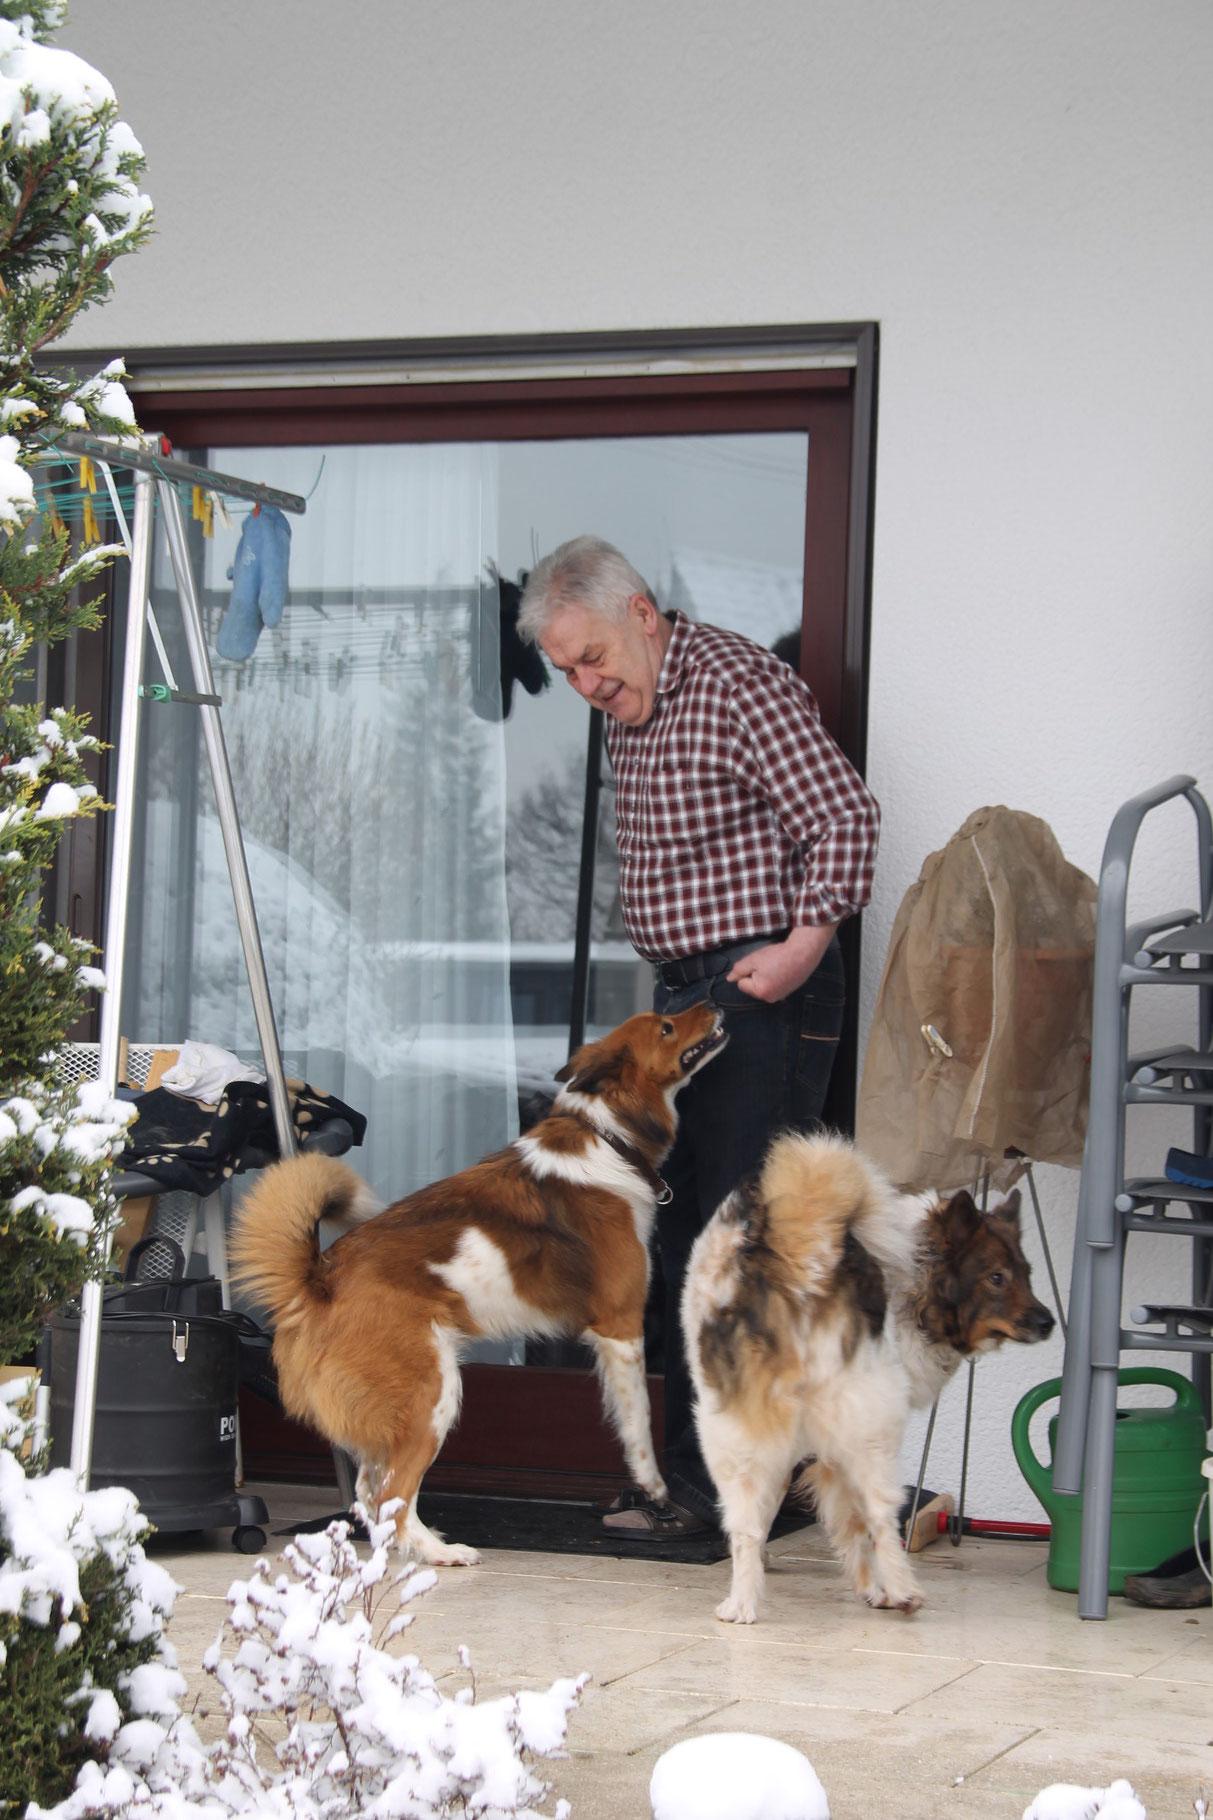 Für Binka ungewöhnlich, sooo viele Hunde in ihrem Garten